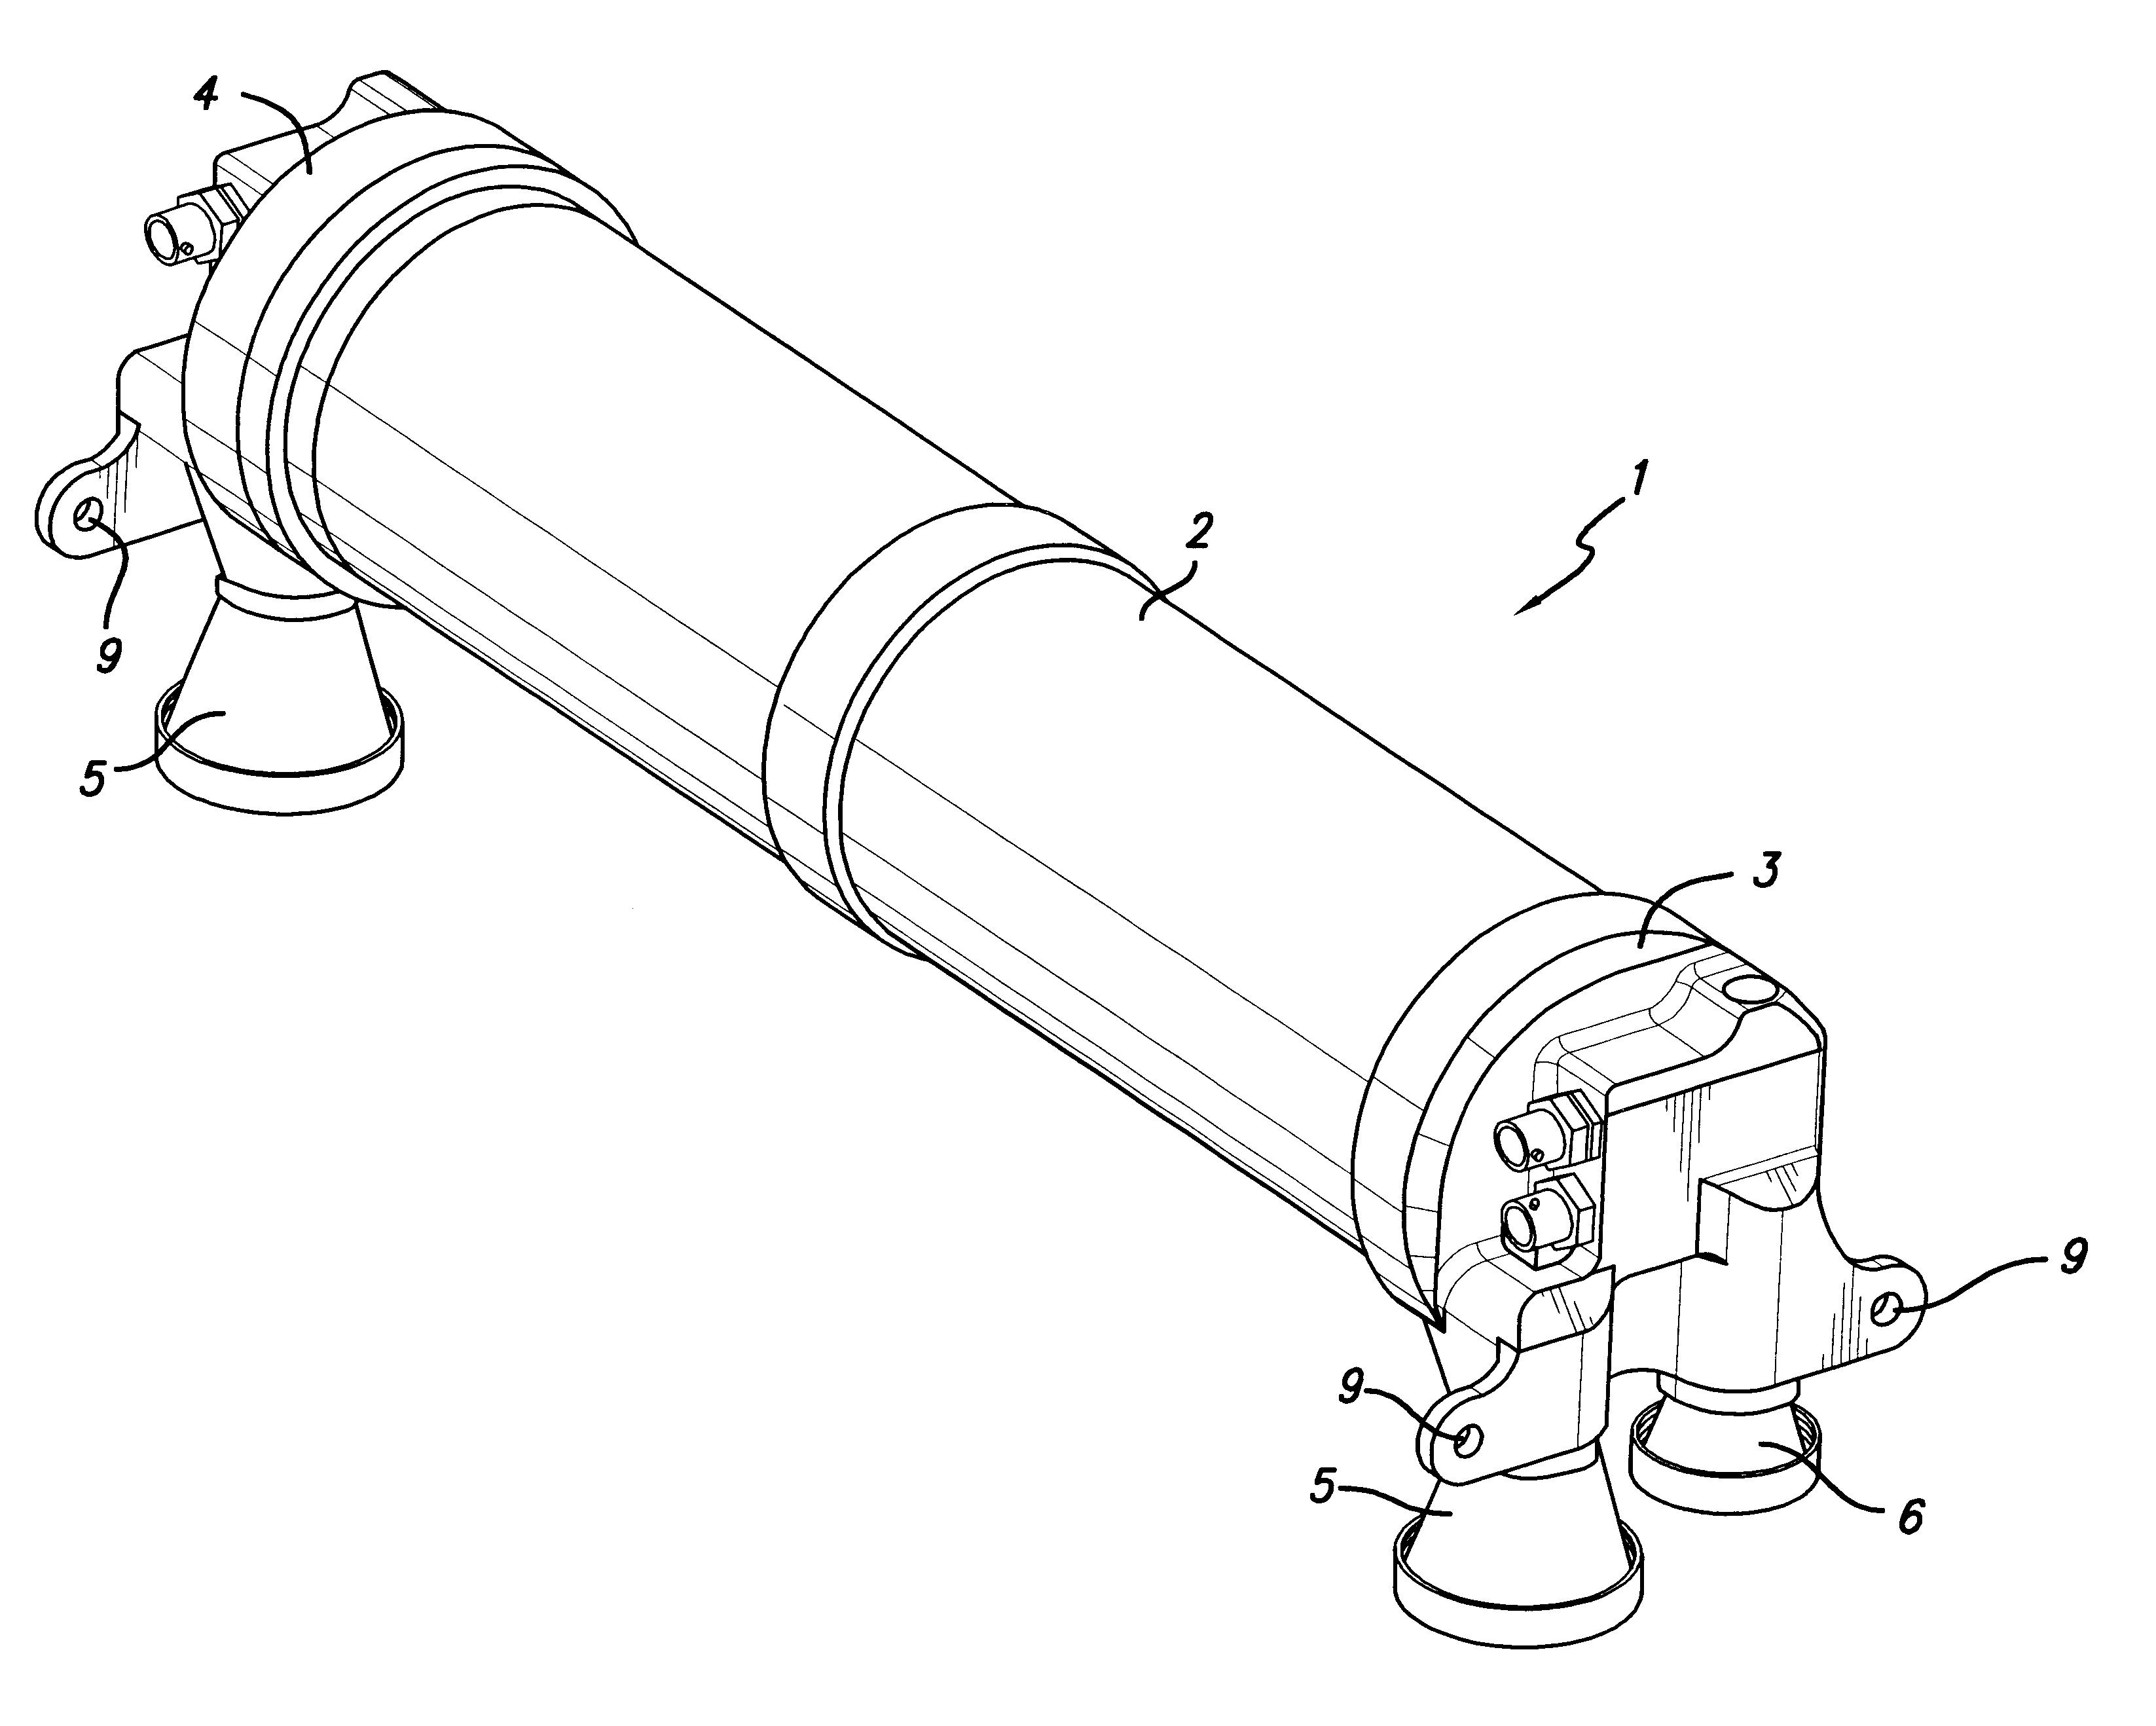 patent us6591602 - ejection seat rocket motors